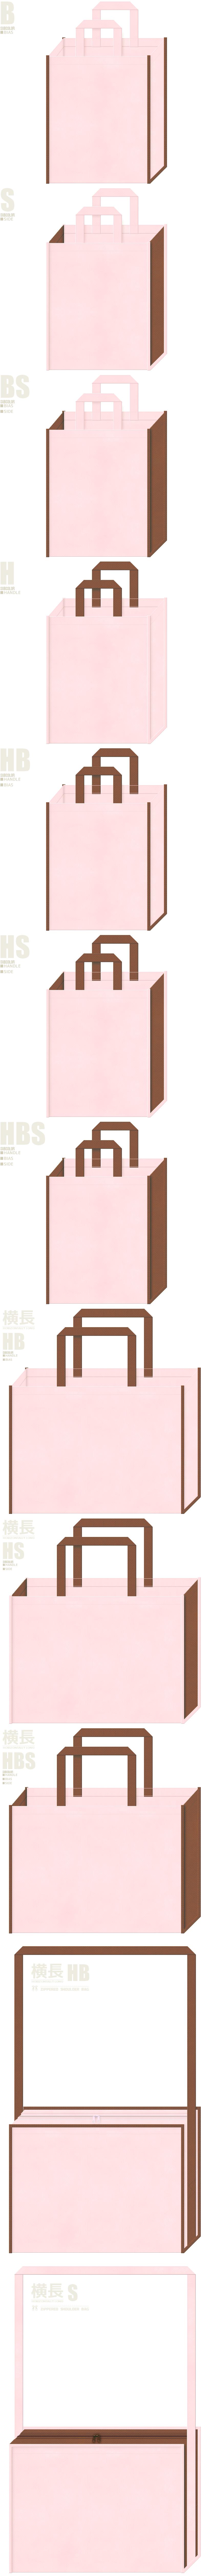 桜色と茶色、7パターンの不織布トートバッグ配色デザイン例。ガーリーな不織布バッグにお奨めです。